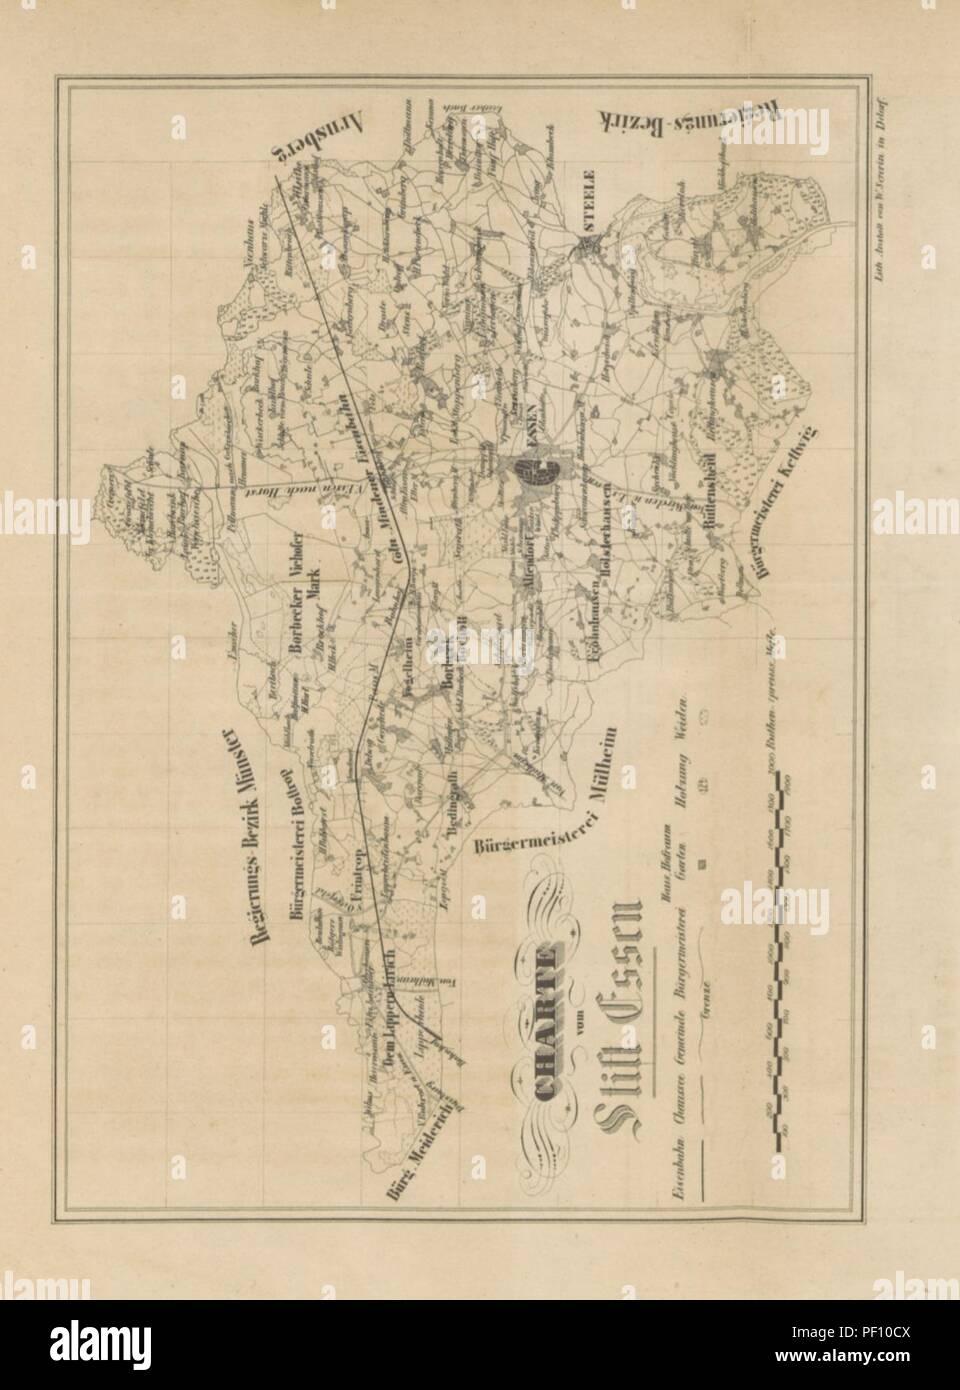 Stadt Essen Karte.Image From Page 383 Of Geschichte Des Furstenthums Und Der